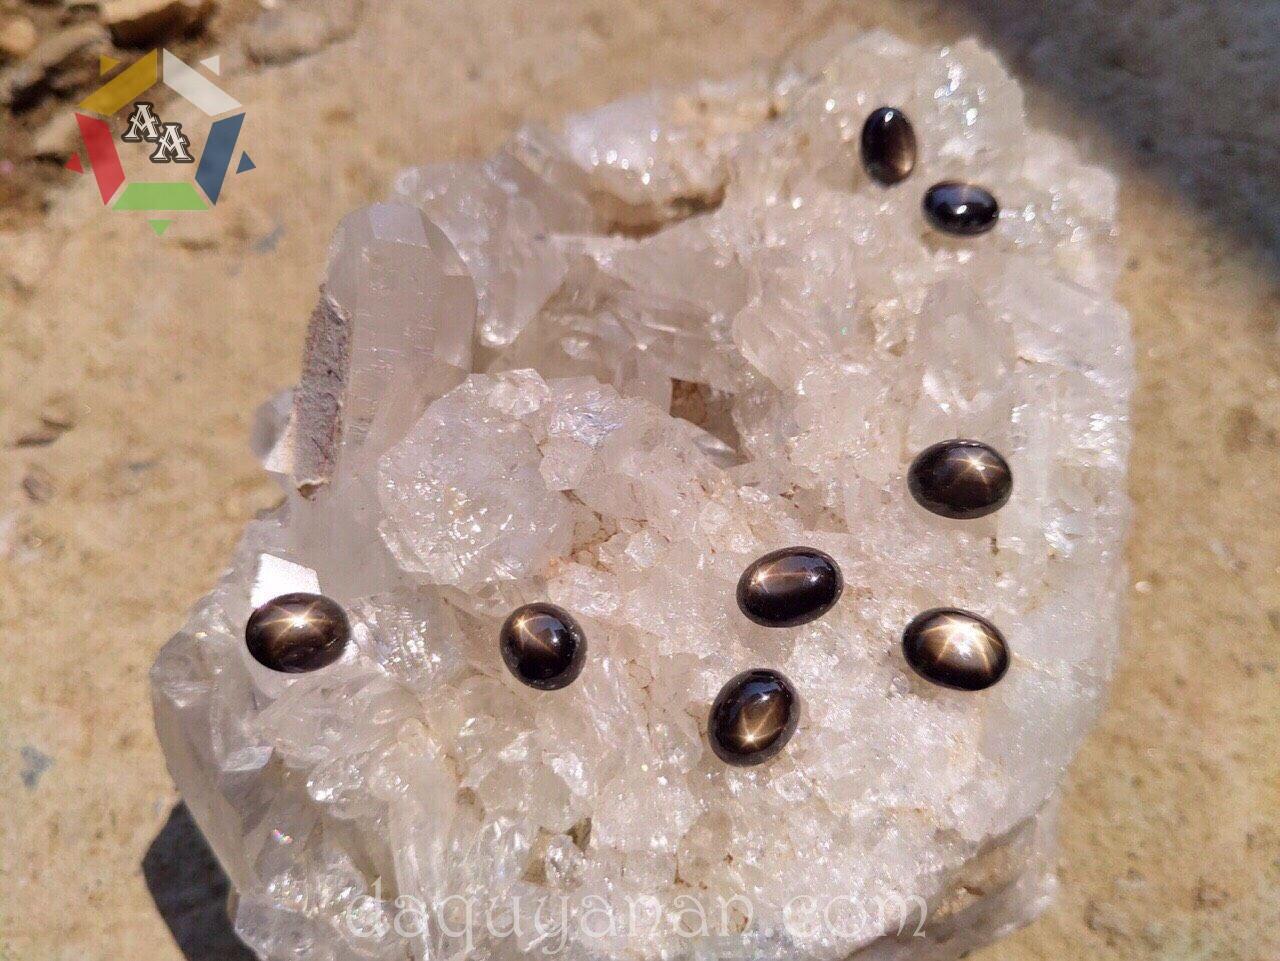 Đá Sapphire tự nhiên - sản phẩm của Đá quý An An